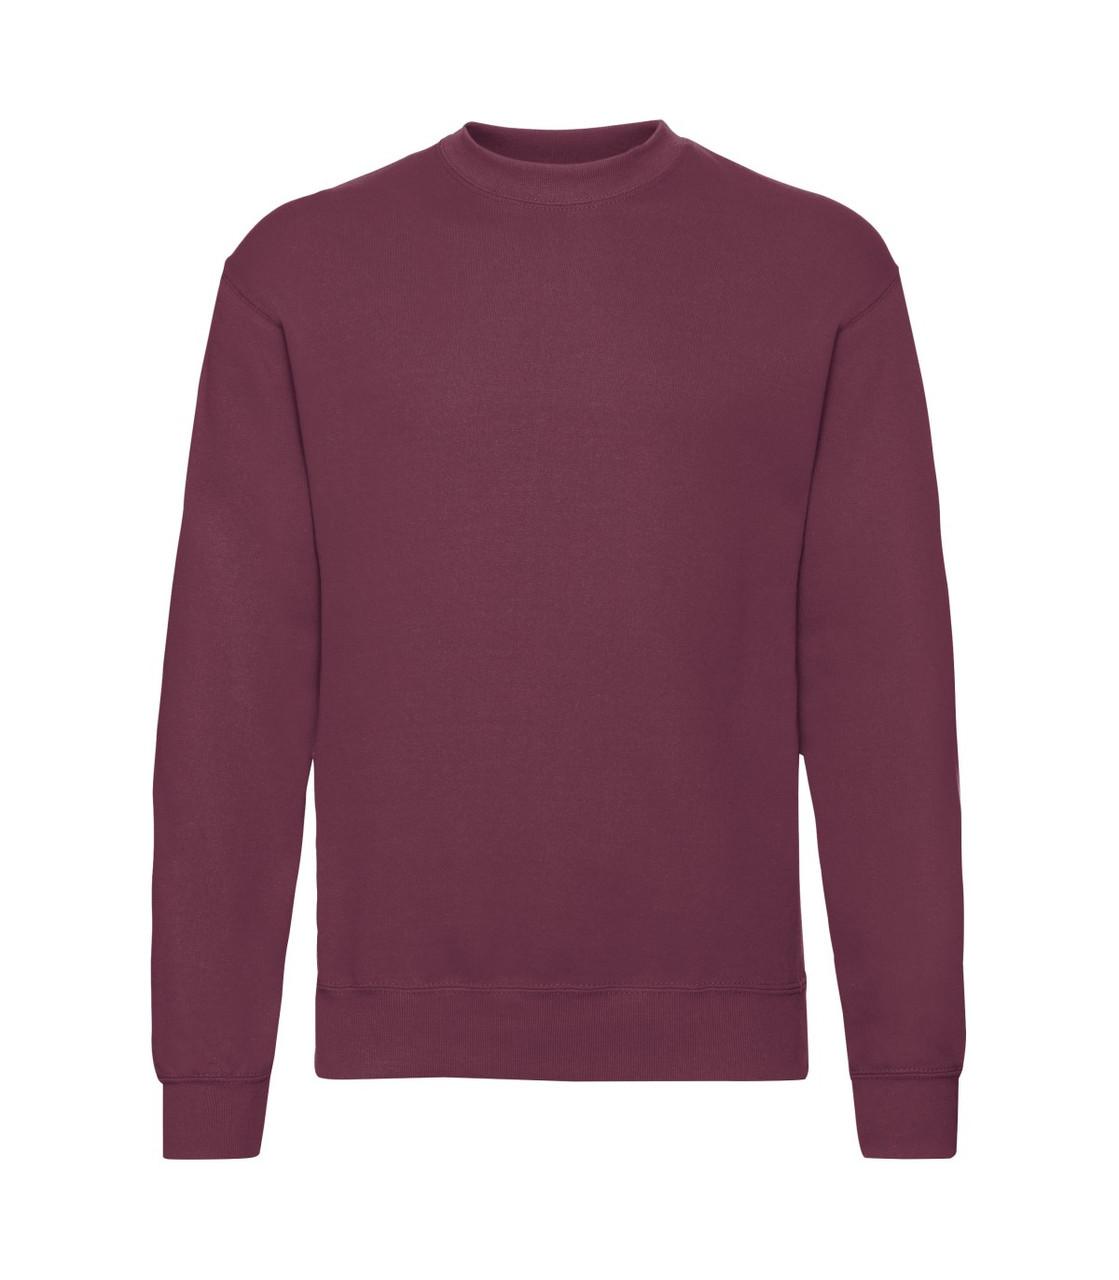 Мужской свитер-реглан утепленный бордовый 202-41